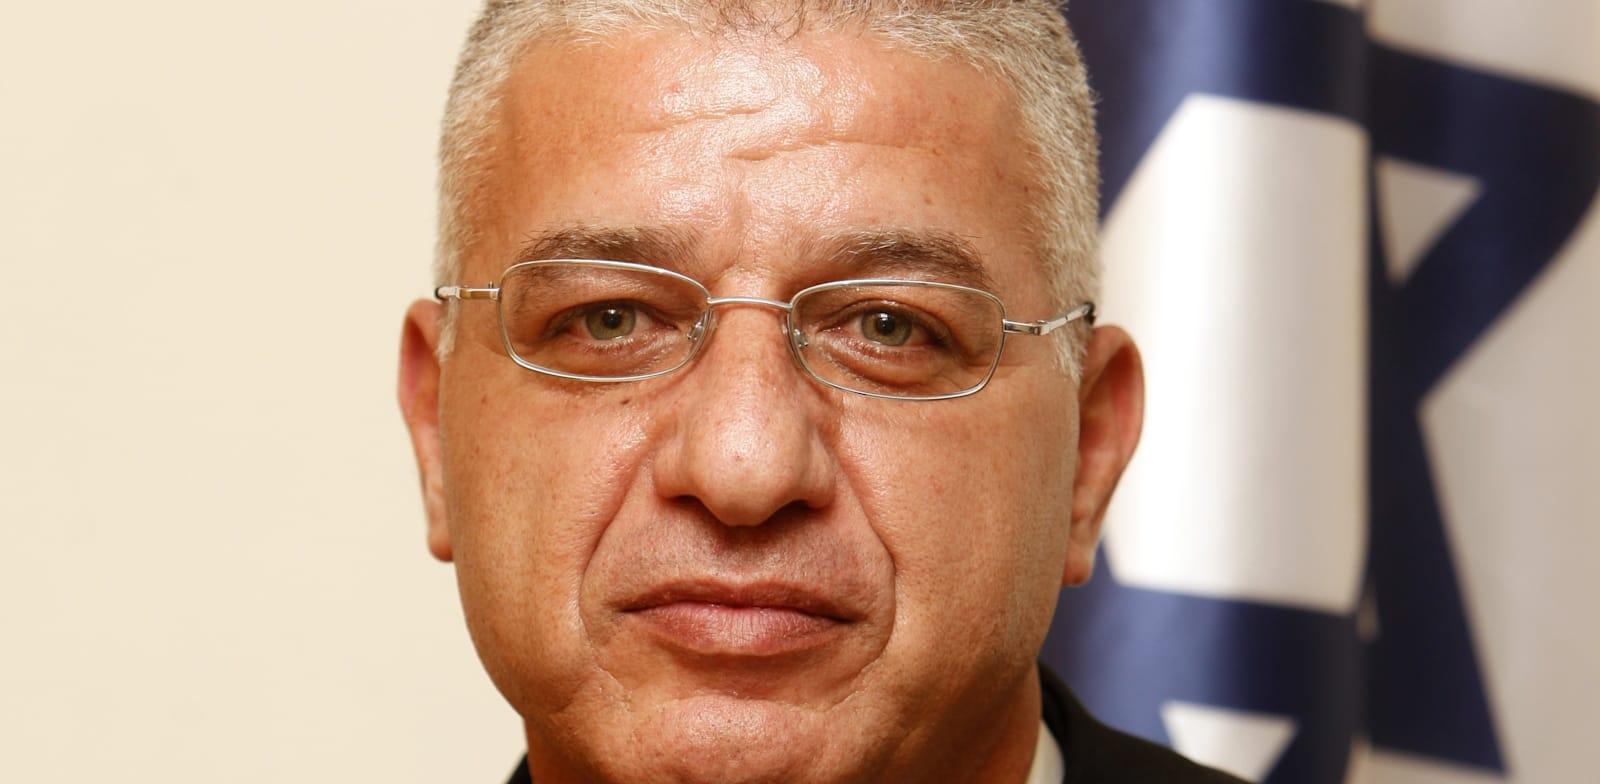 השופט עאטף עיילבוני / צילום: דוברות בתי המשפט